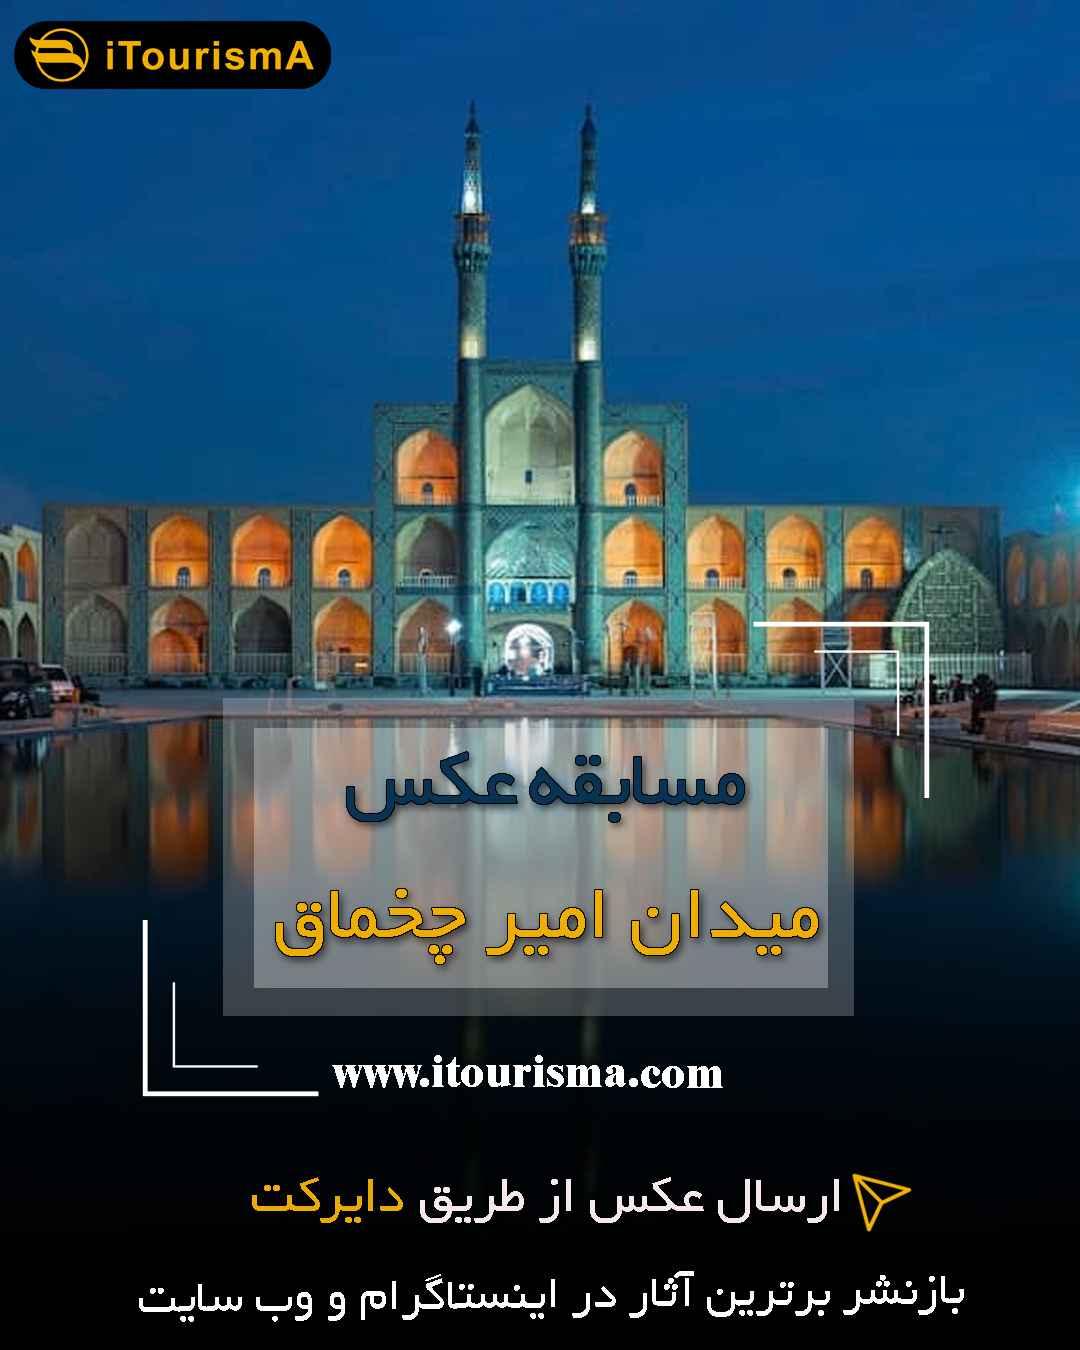 فراخوان مسابقه عکس میدان امیرچخماق